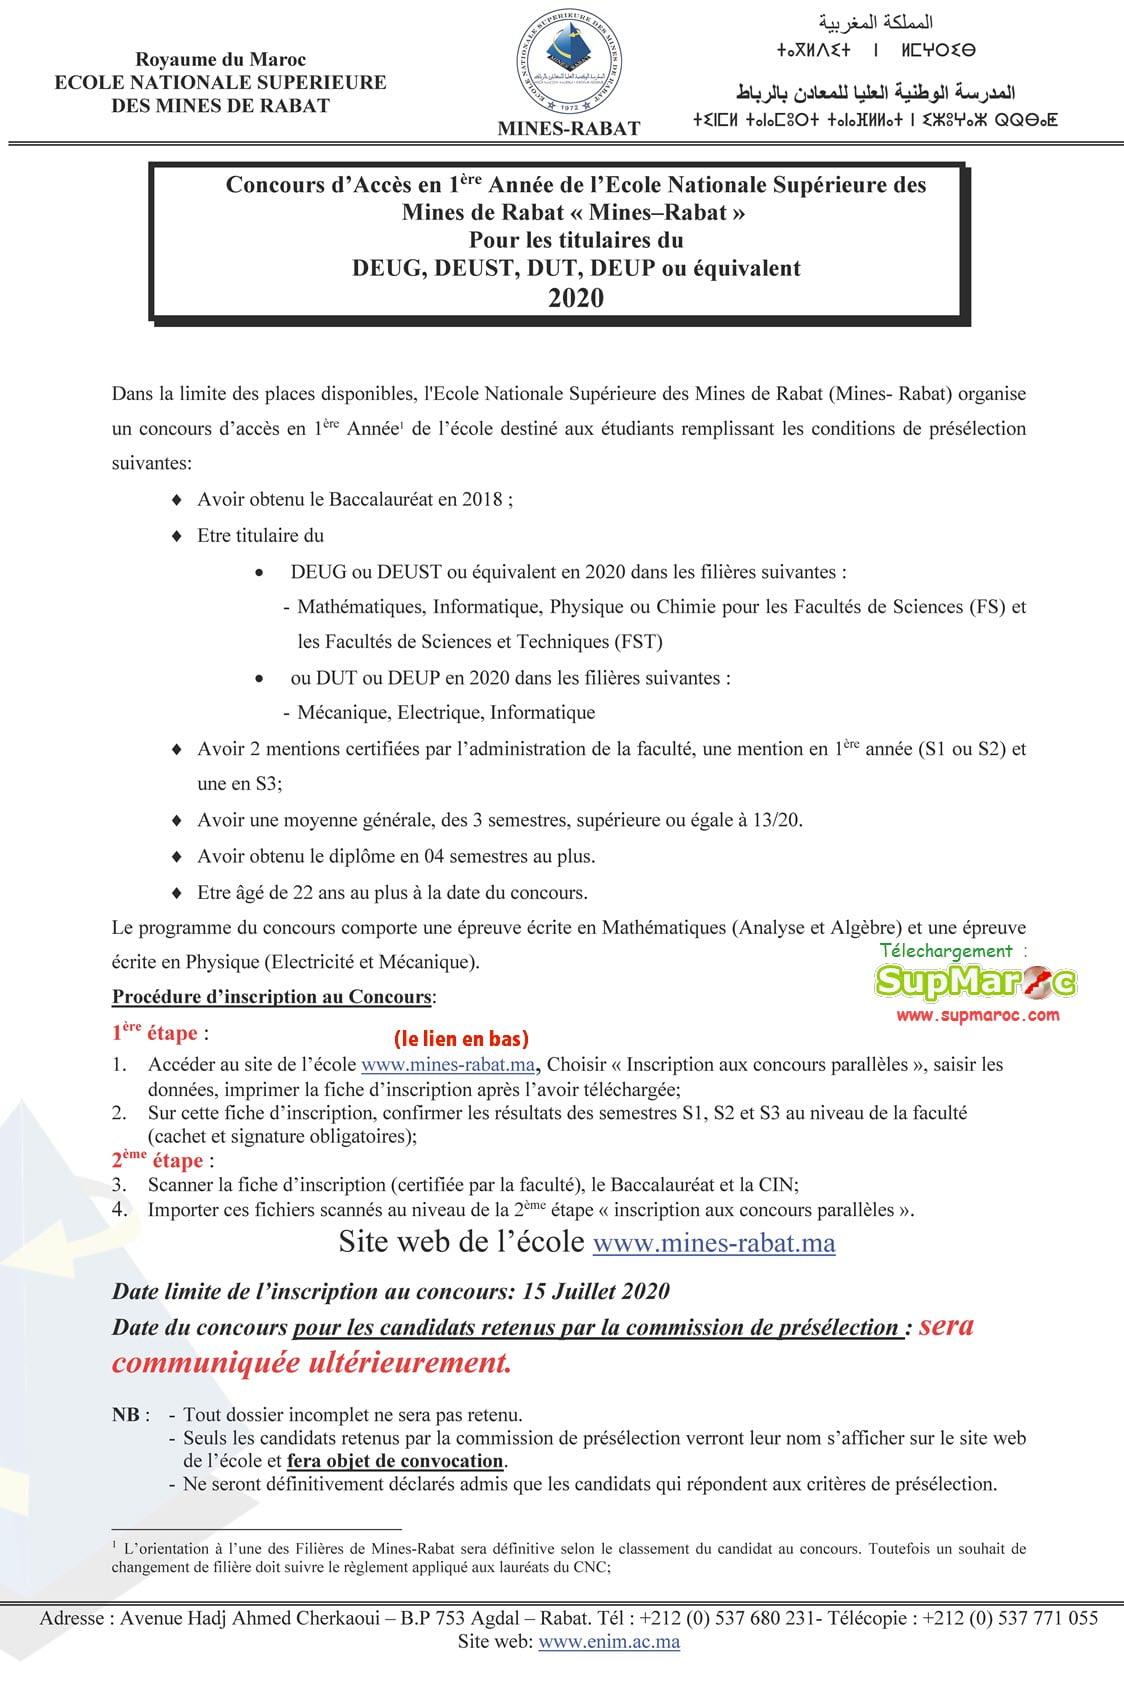 Concours Accès 1ère année Mines-Rabat   DEUG, DEUST, DUT, DEUP 2020-2021